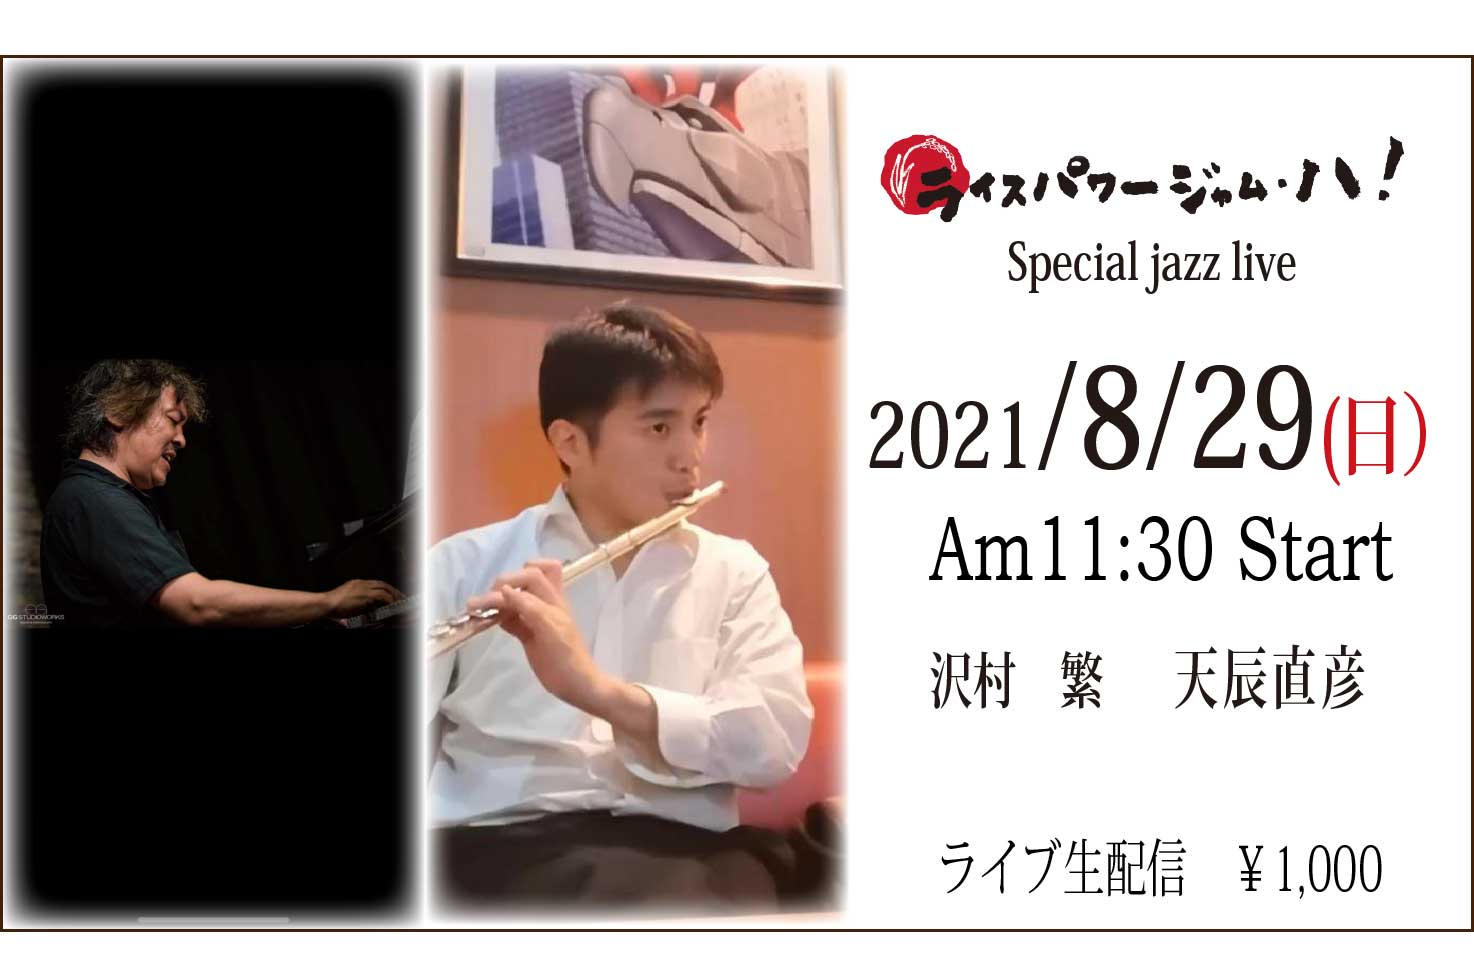 2021年8月29日 ライスパワージャム八王子ライブ 投げ銭